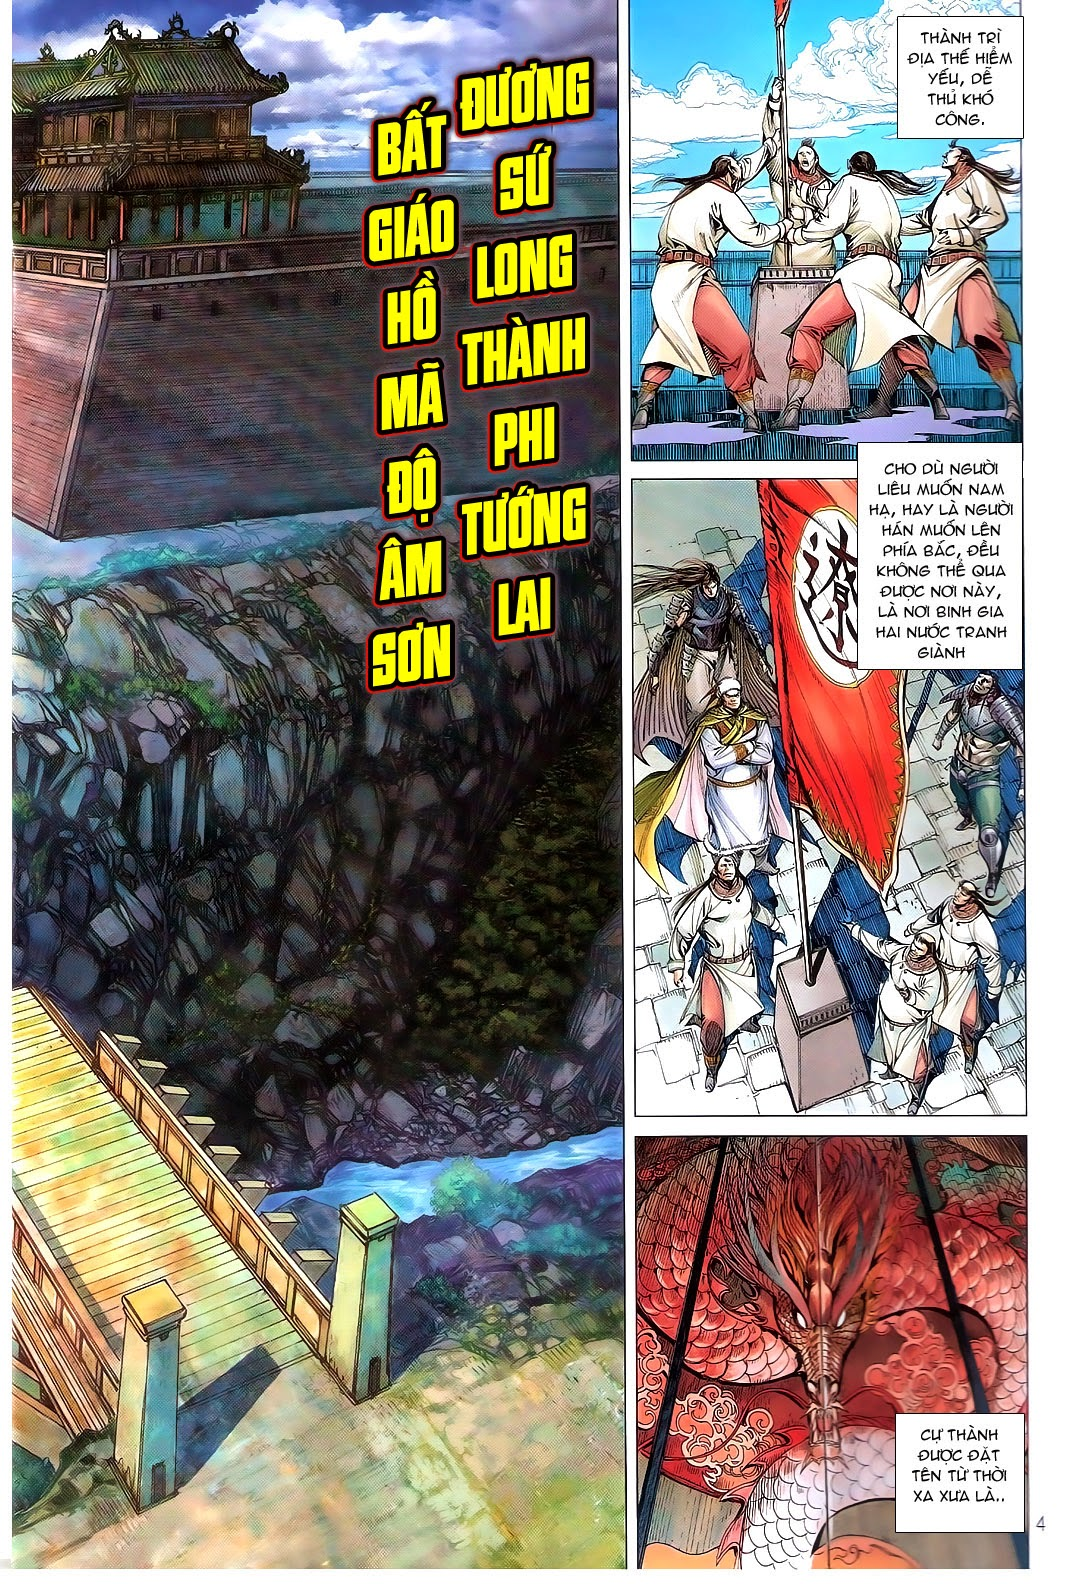 tuoithodudoi.com Thiết Tướng Tung Hoành Chapter 110 - 4.jpg